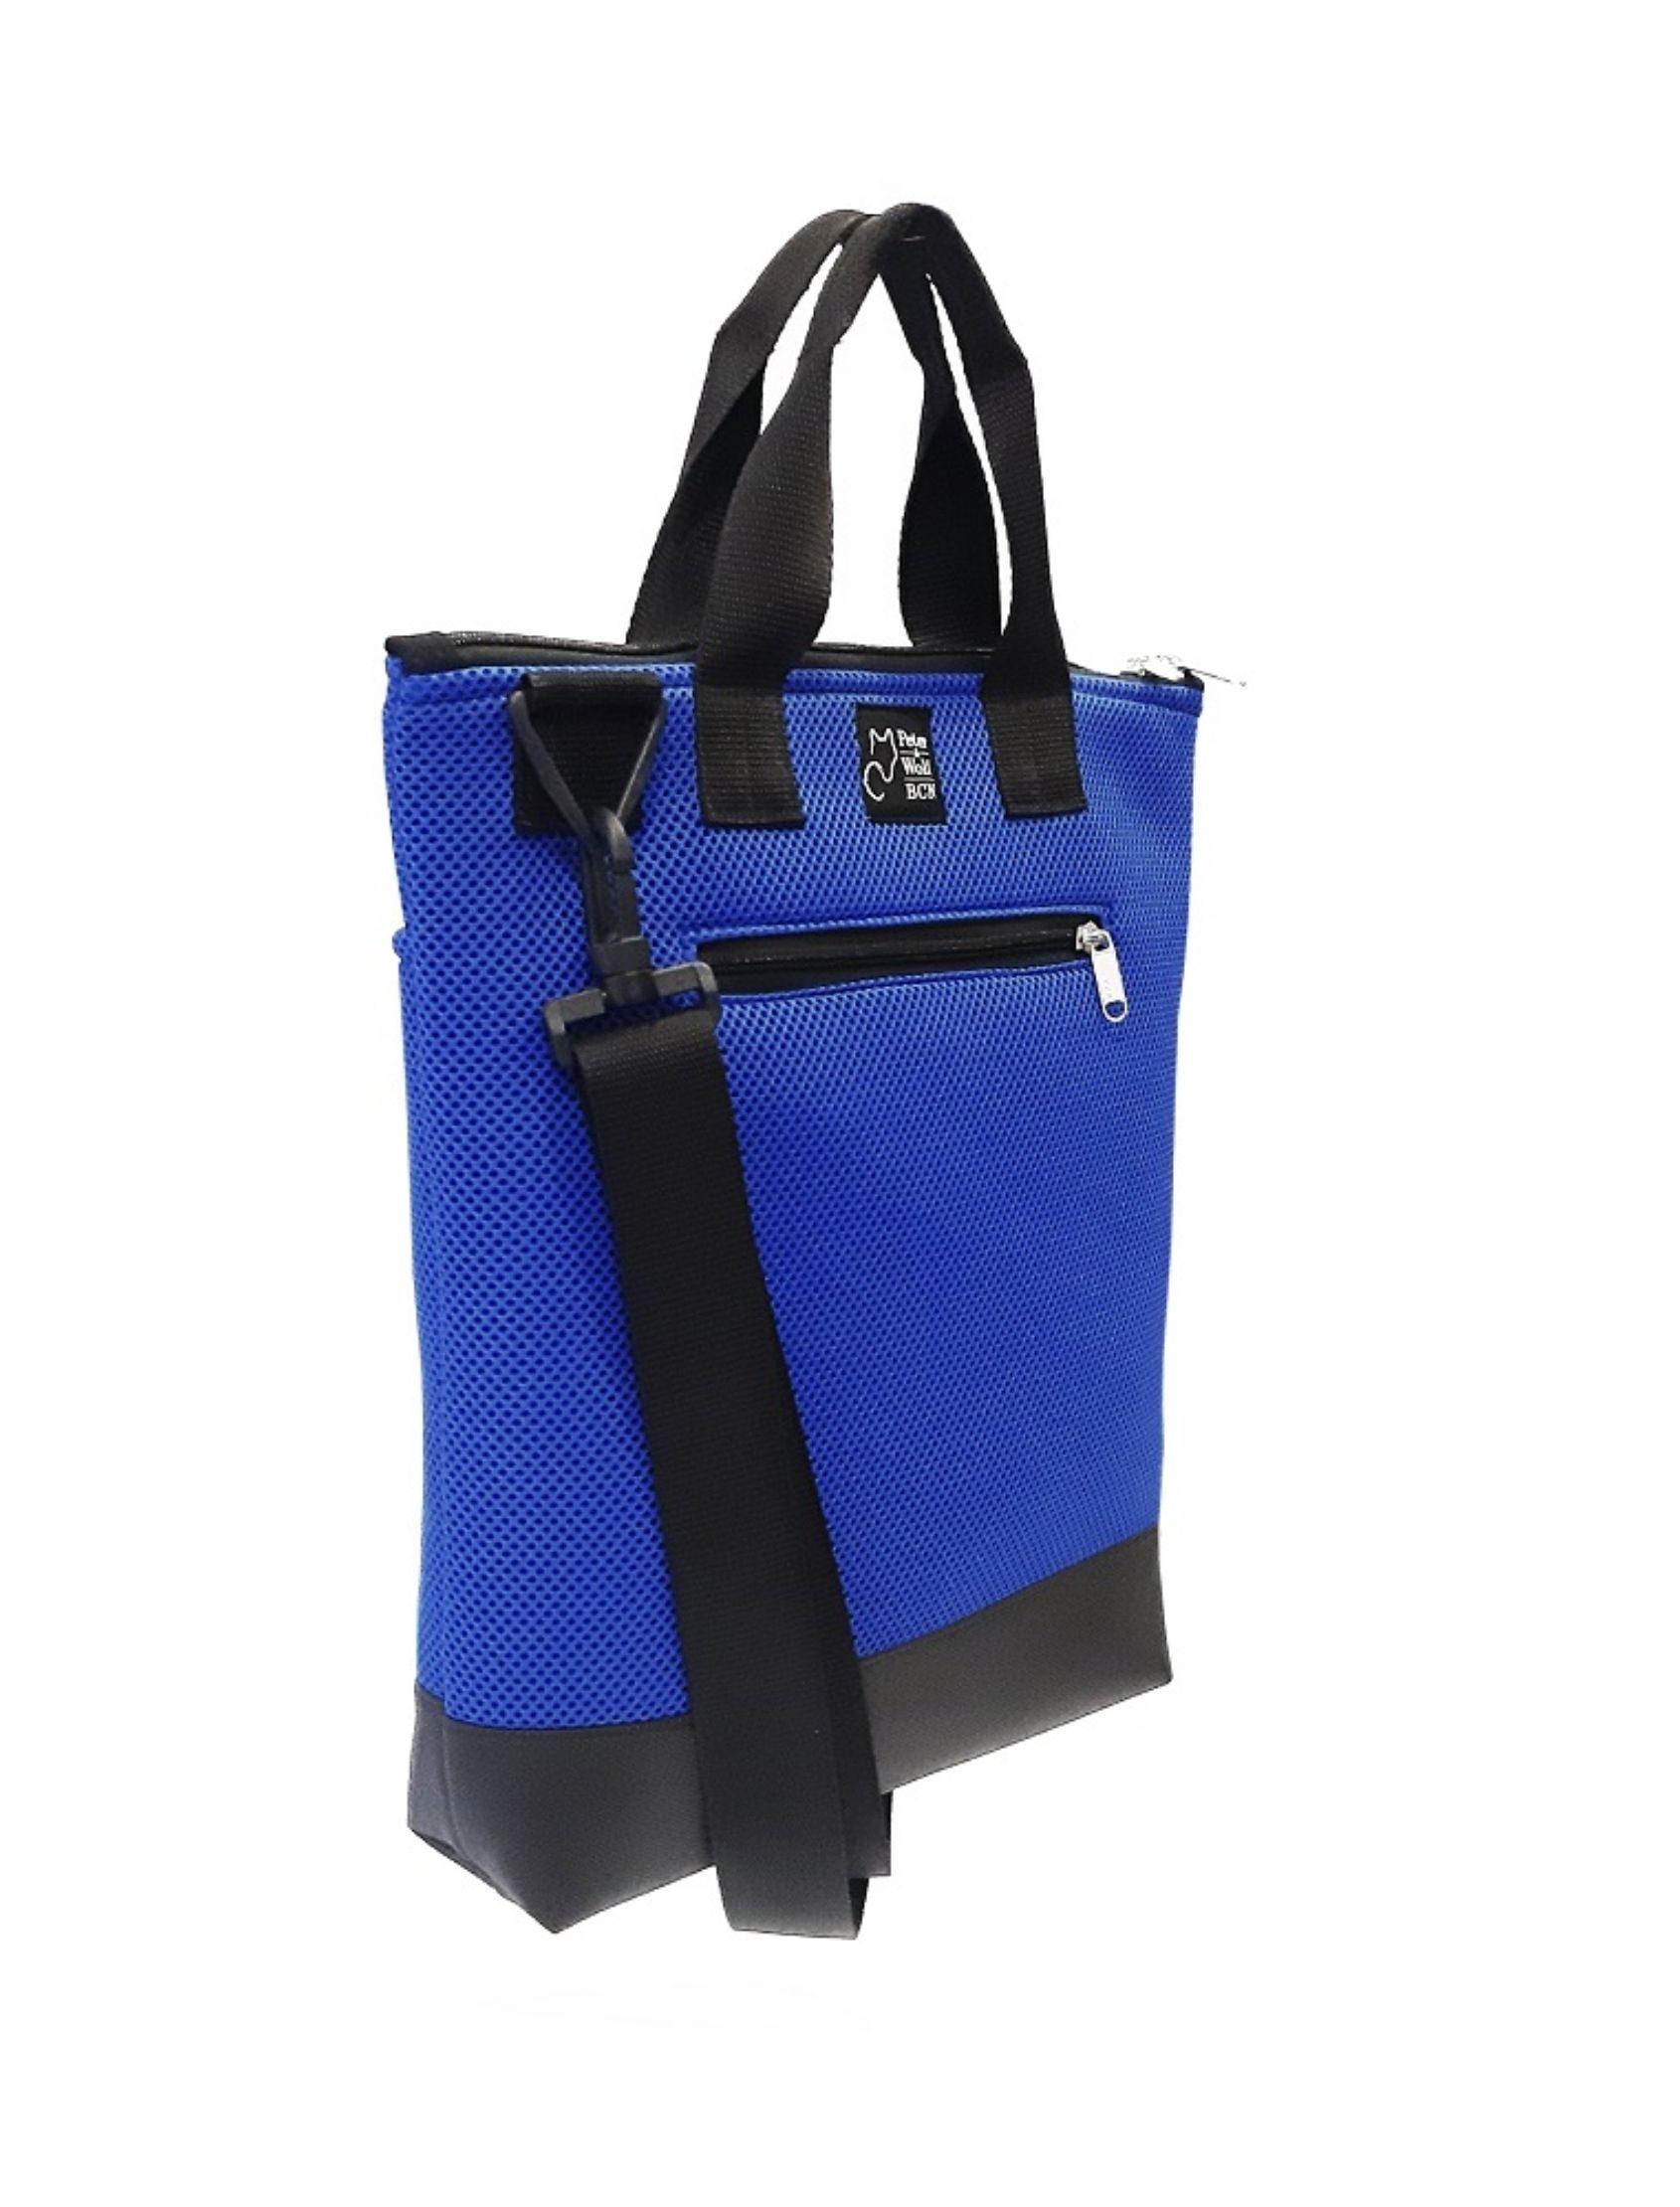 bolso tote con tejido técnico en azul klein con asa corta y bandolera